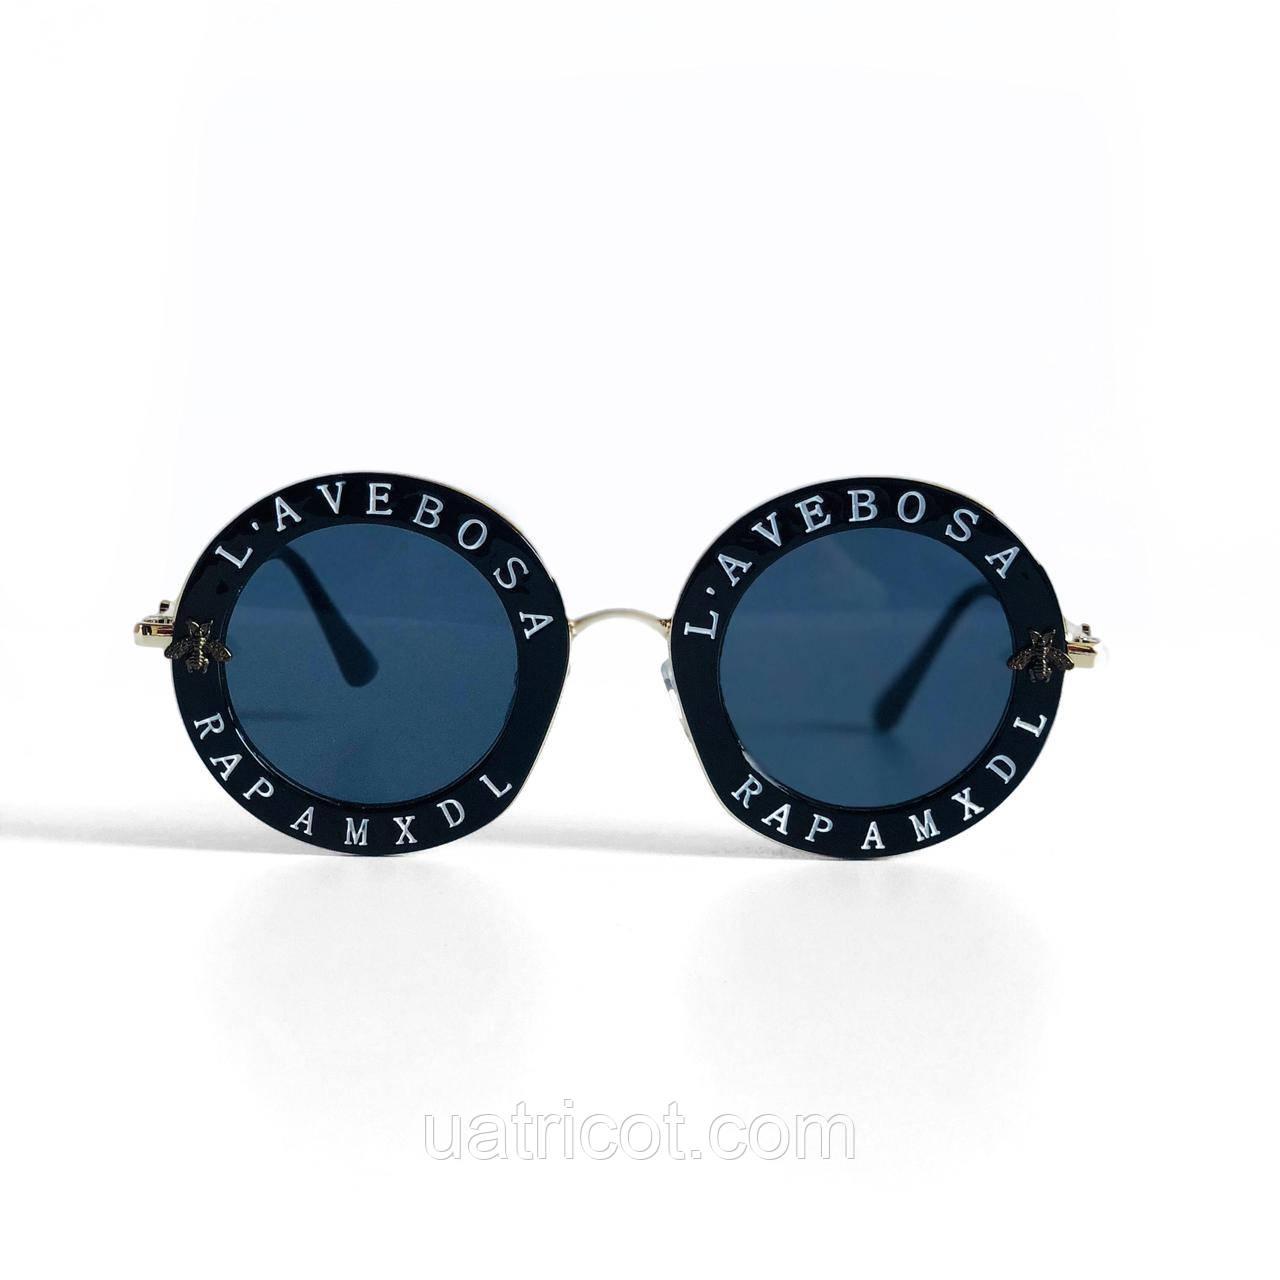 Женские круглые солнцезащитные очки в чёрной оправе с надписями